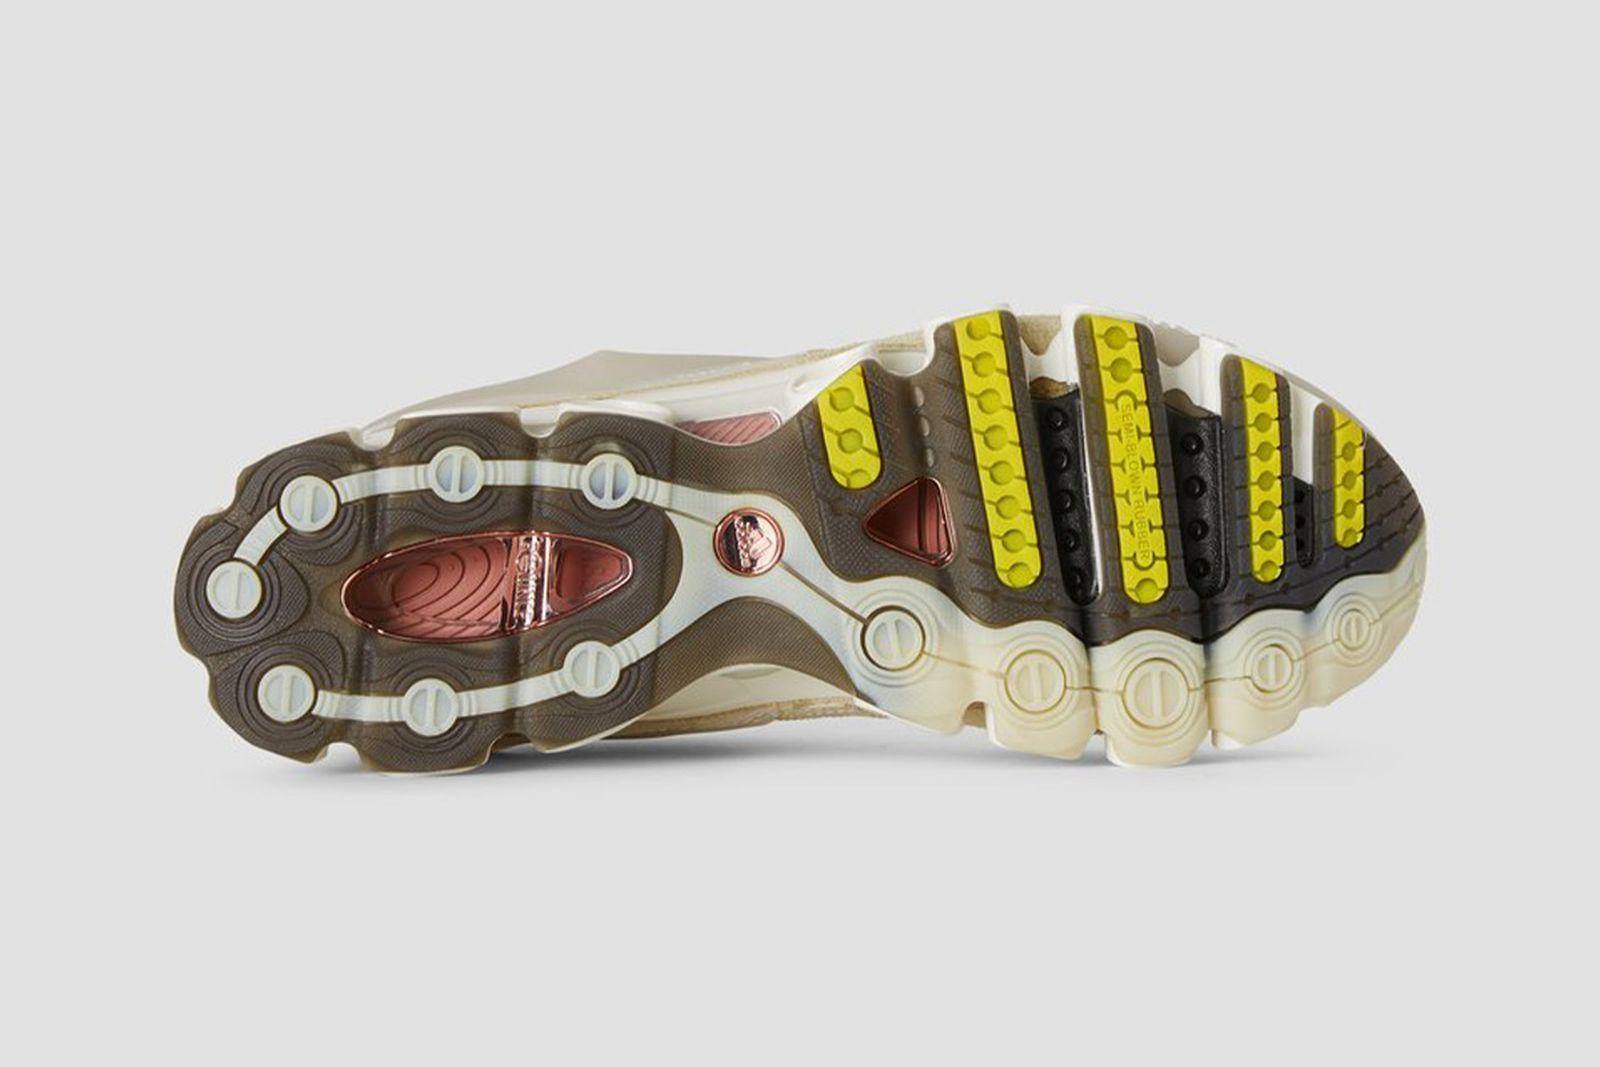 oamc-adidas-originals-type-09-release-date-price-04